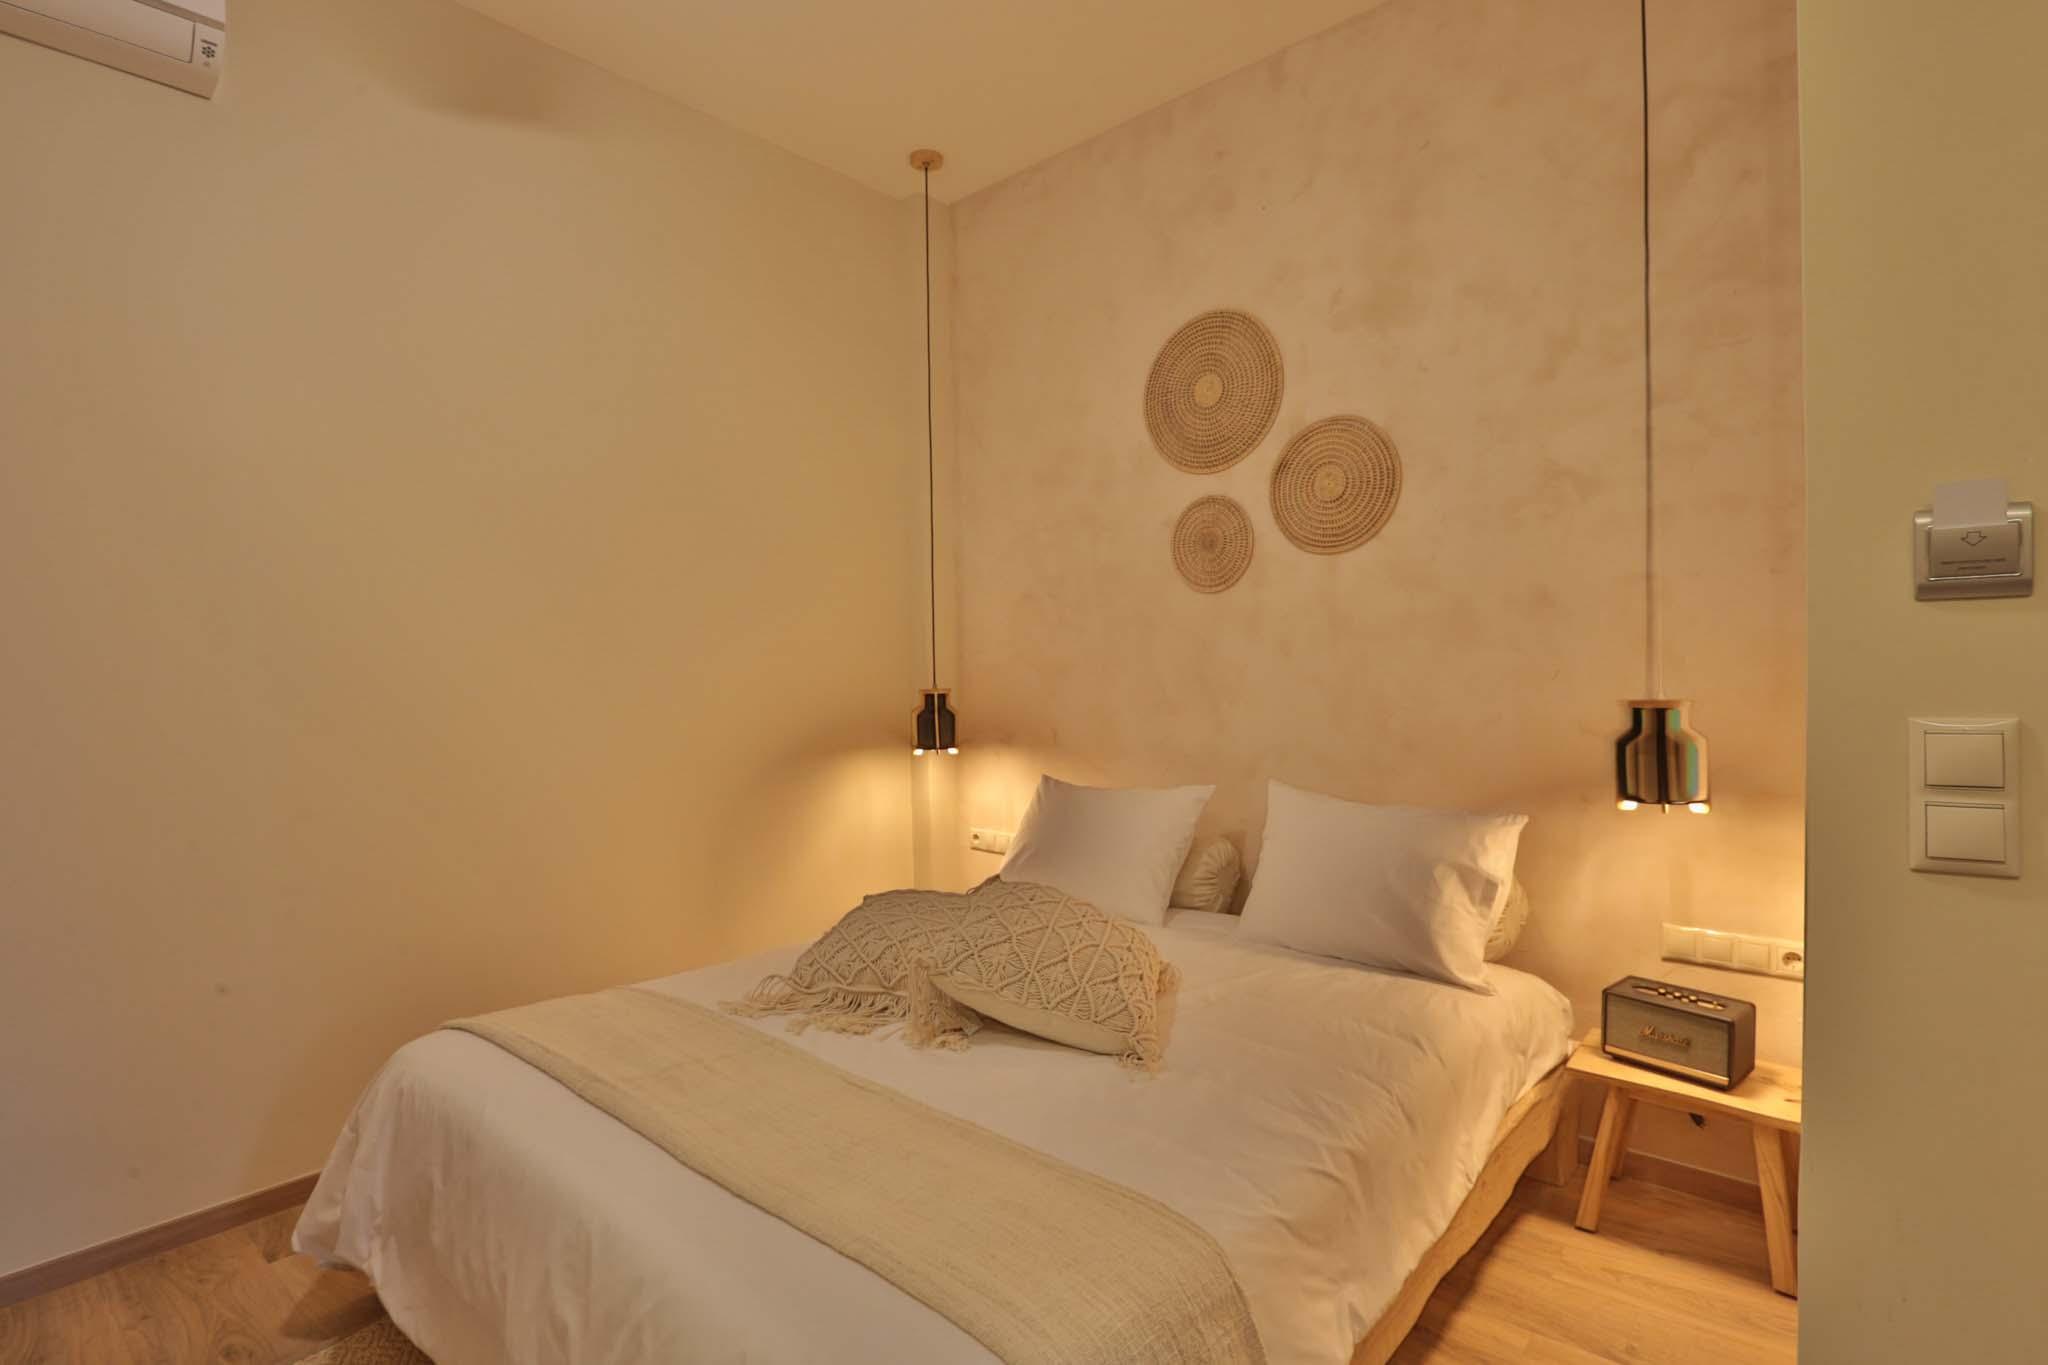 Hotel_room_Jasmine_02